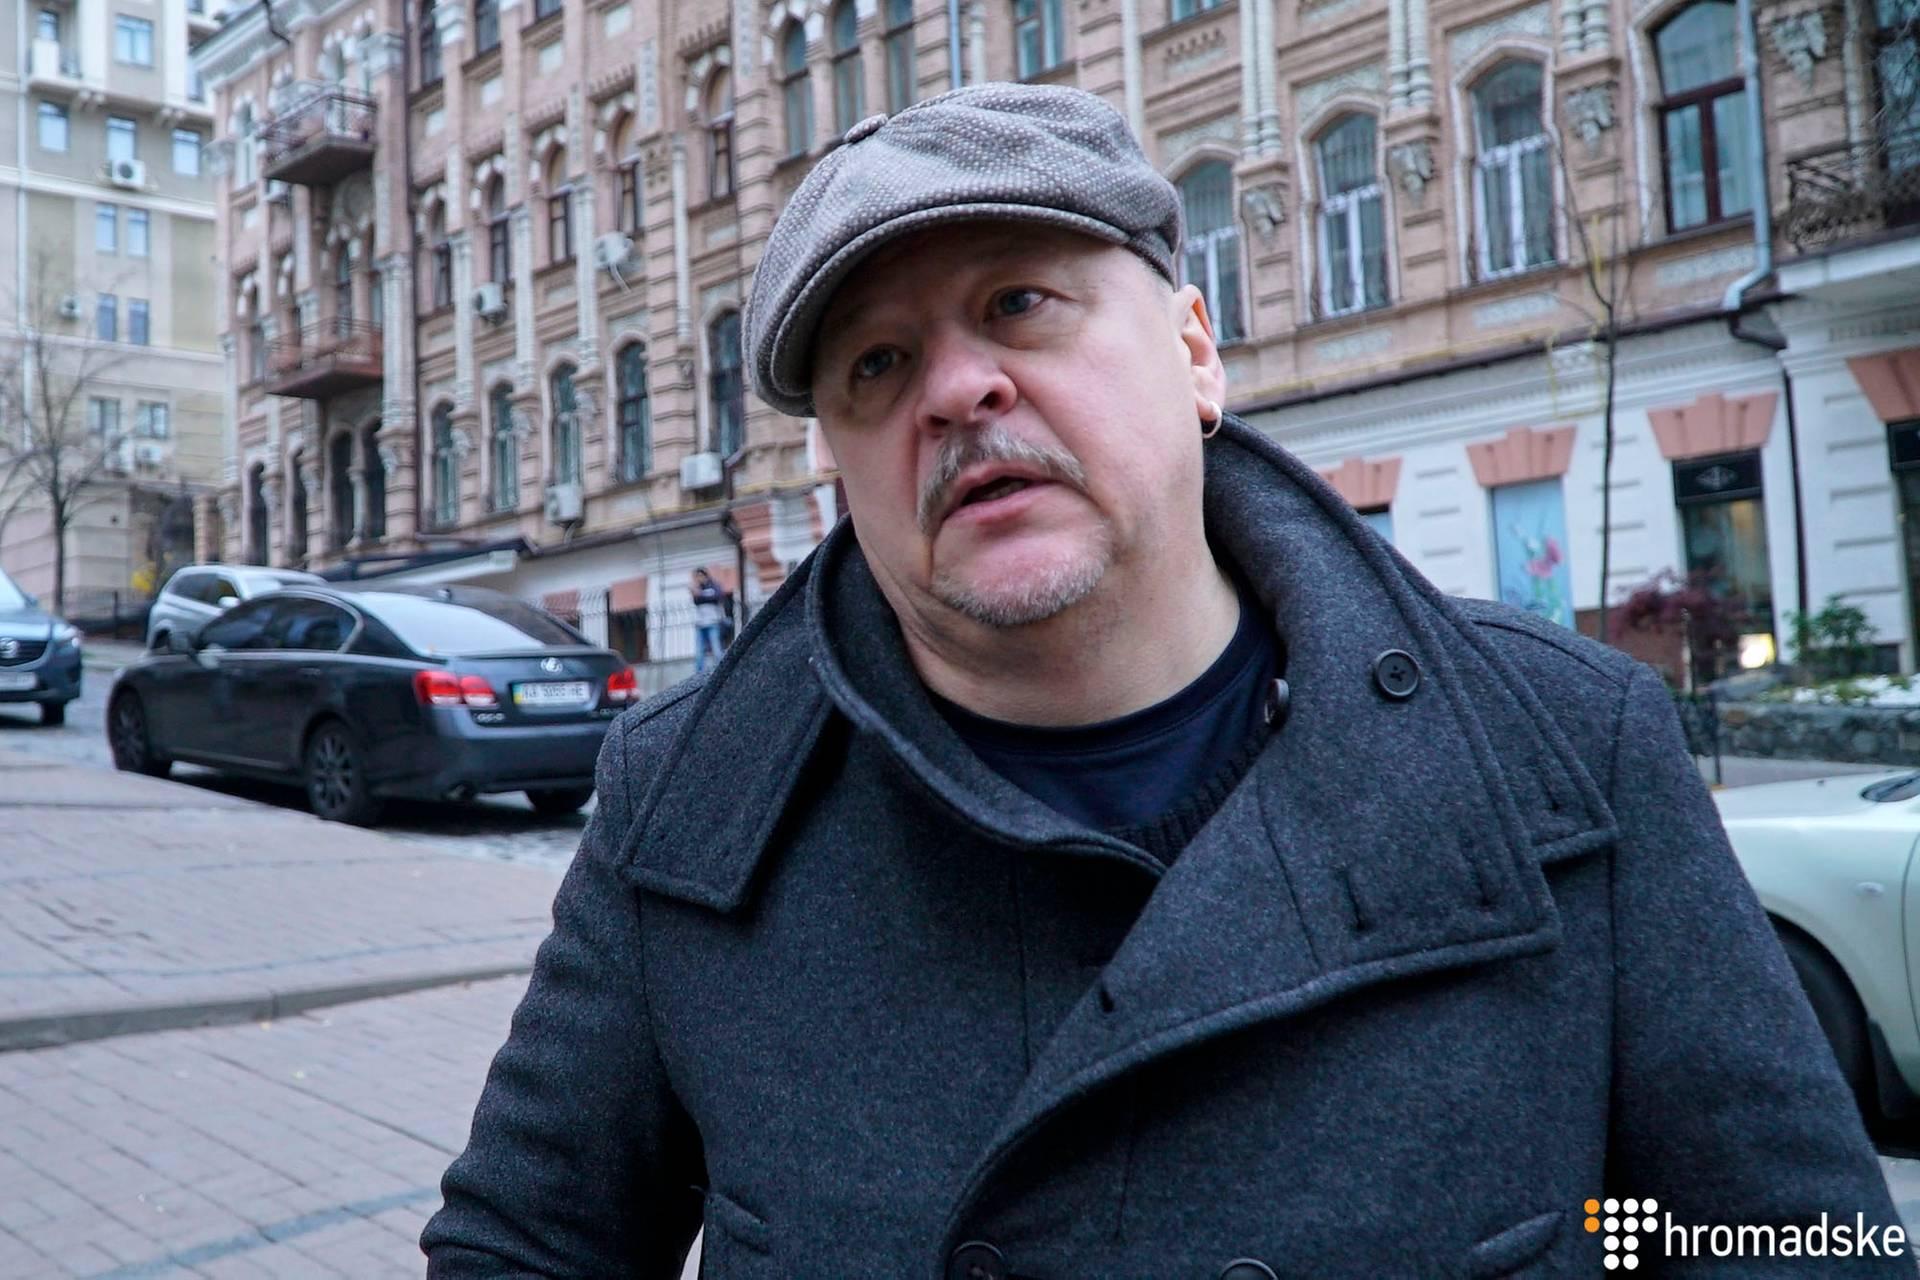 Драматург, режисер Білоруського вільного театру Микола Халєзін під час прогулянки Києвом, 6 листопада 2018 року